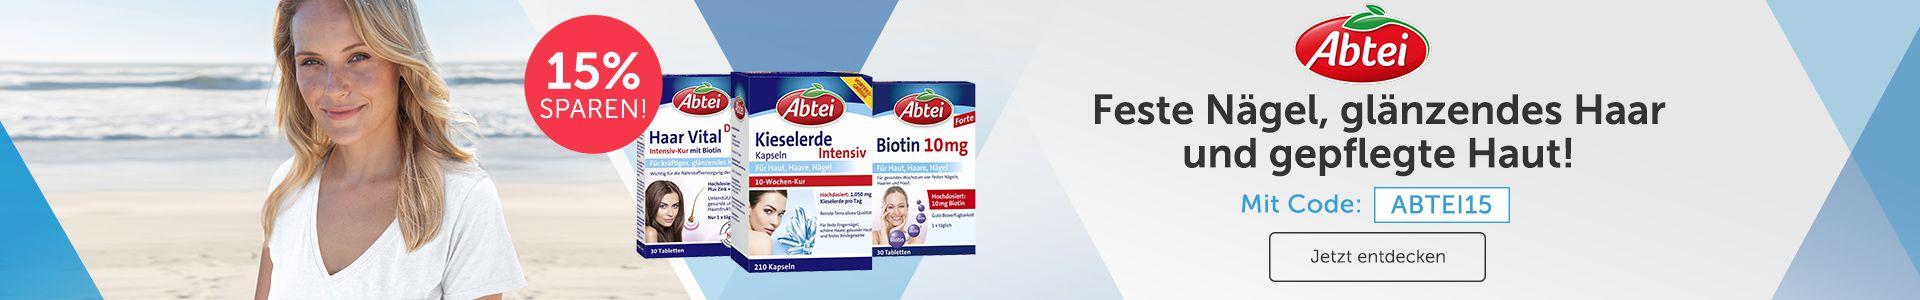 Abtei Produkte: Haar Vital, Kieselerde Intensiv, Biotin. Für feste Nägel, glänzendes Haar und gepflegte Haut!